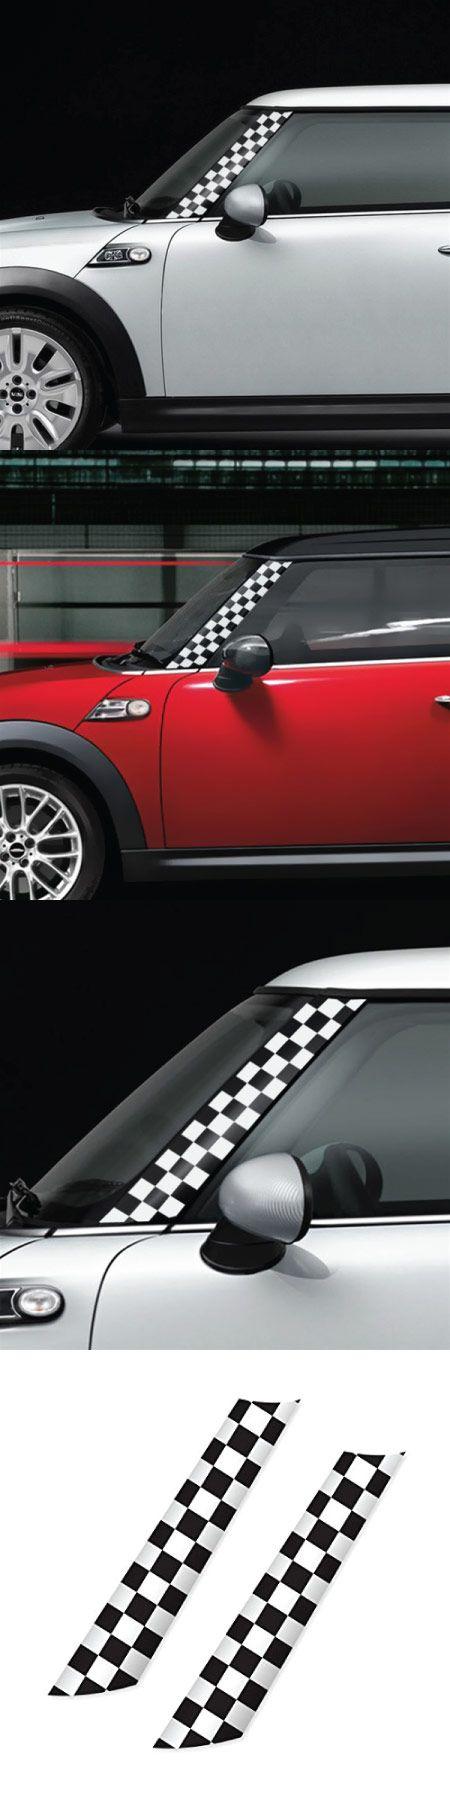 Mini cooper r55 r56 r57 gographic a pillar white checker everyone loves car decalsmini cooperscooper countrymancool